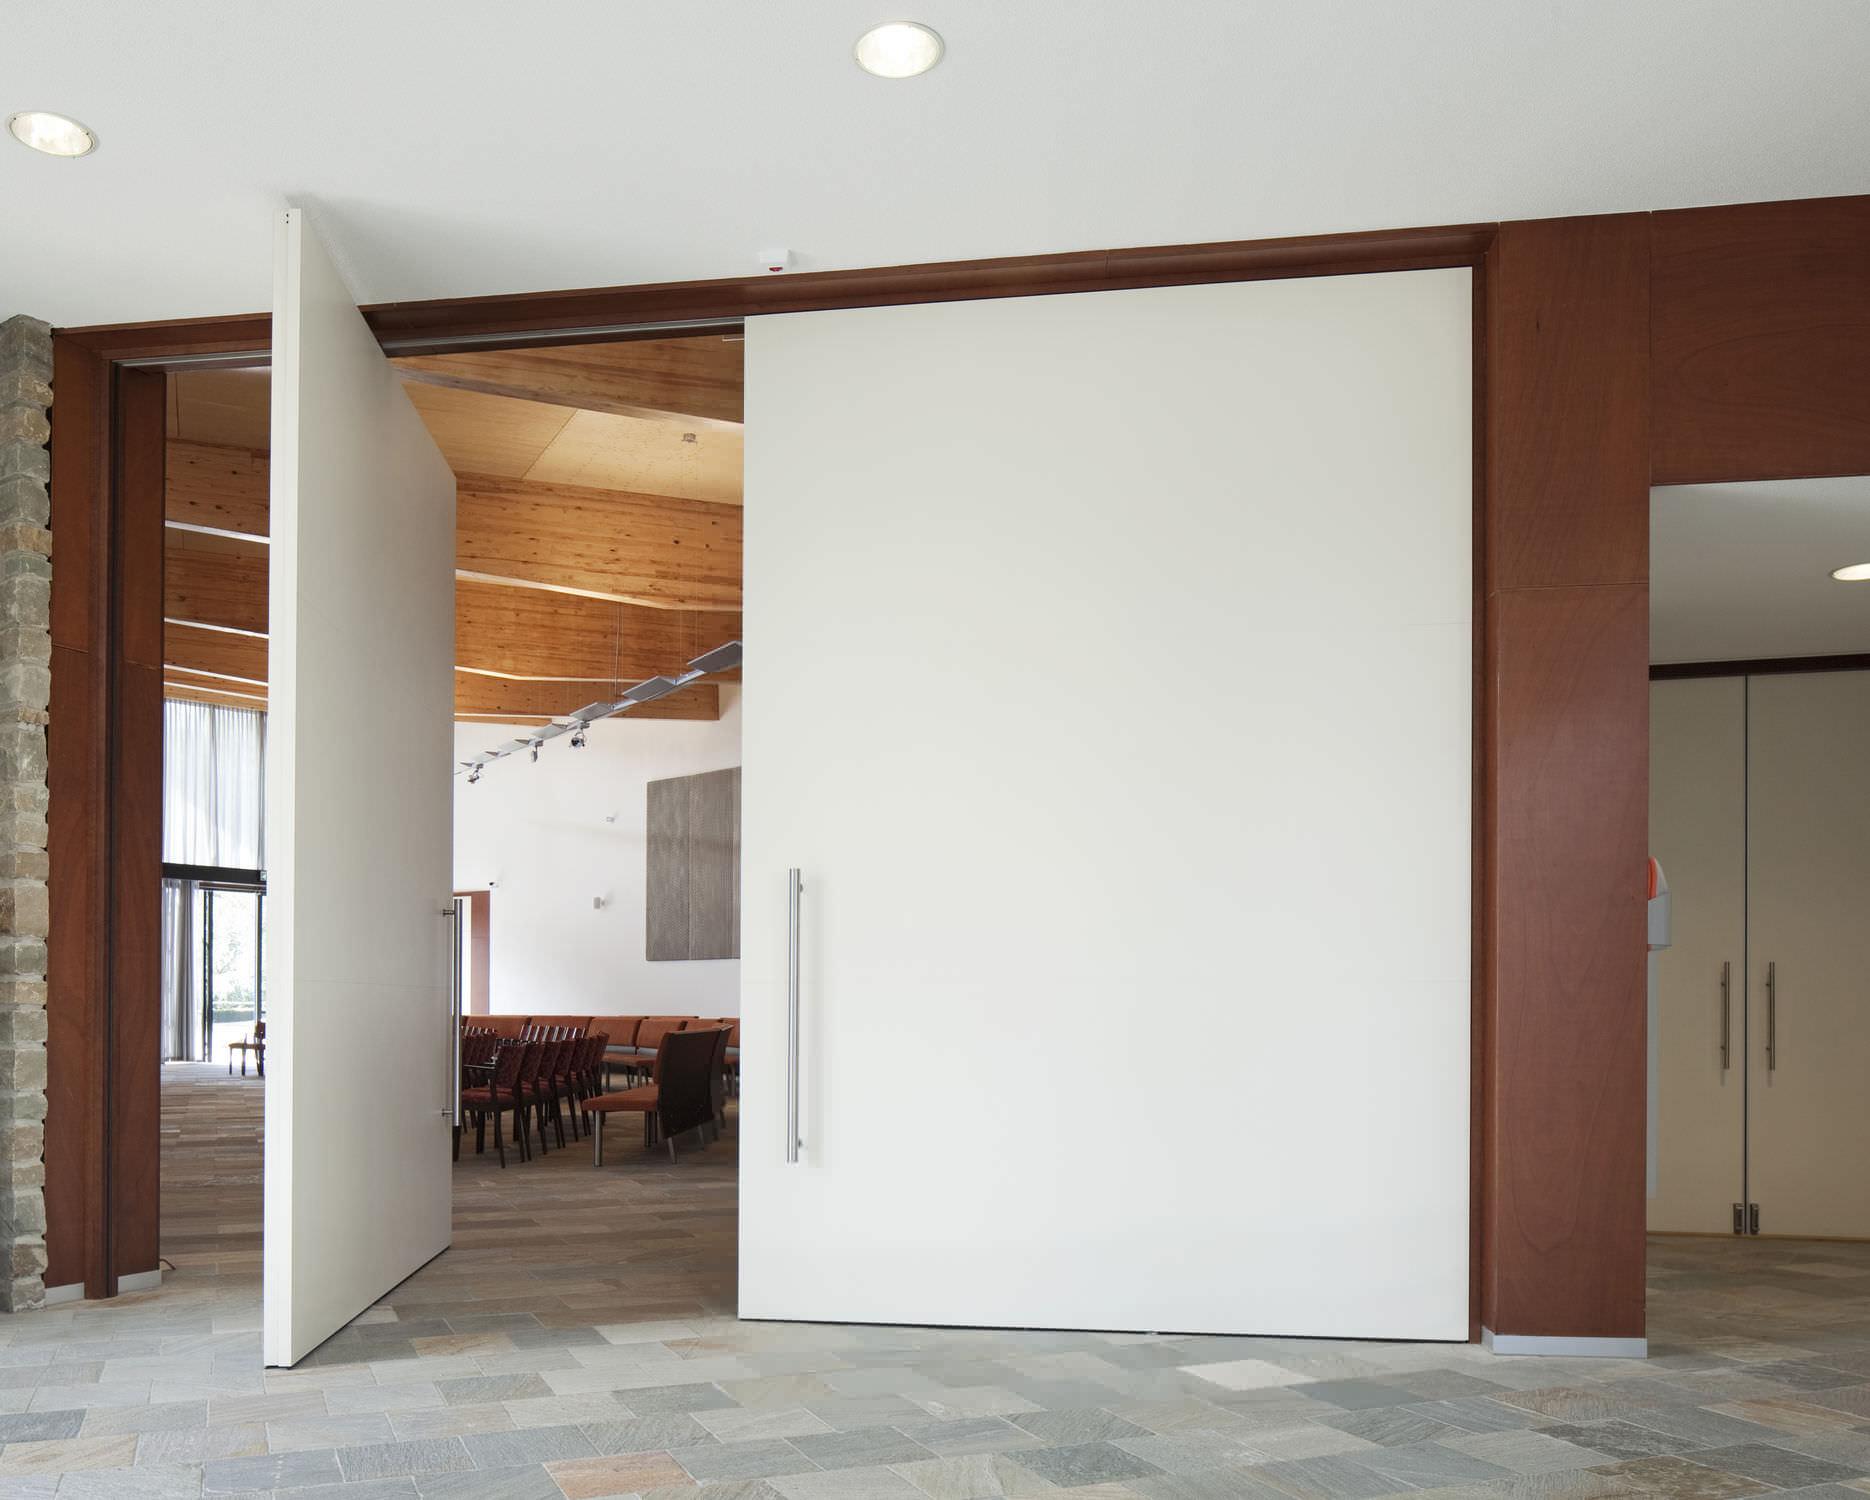 puerta de interior pivotante con eje central de madera by hulshof architecten - Puerta Pivotante